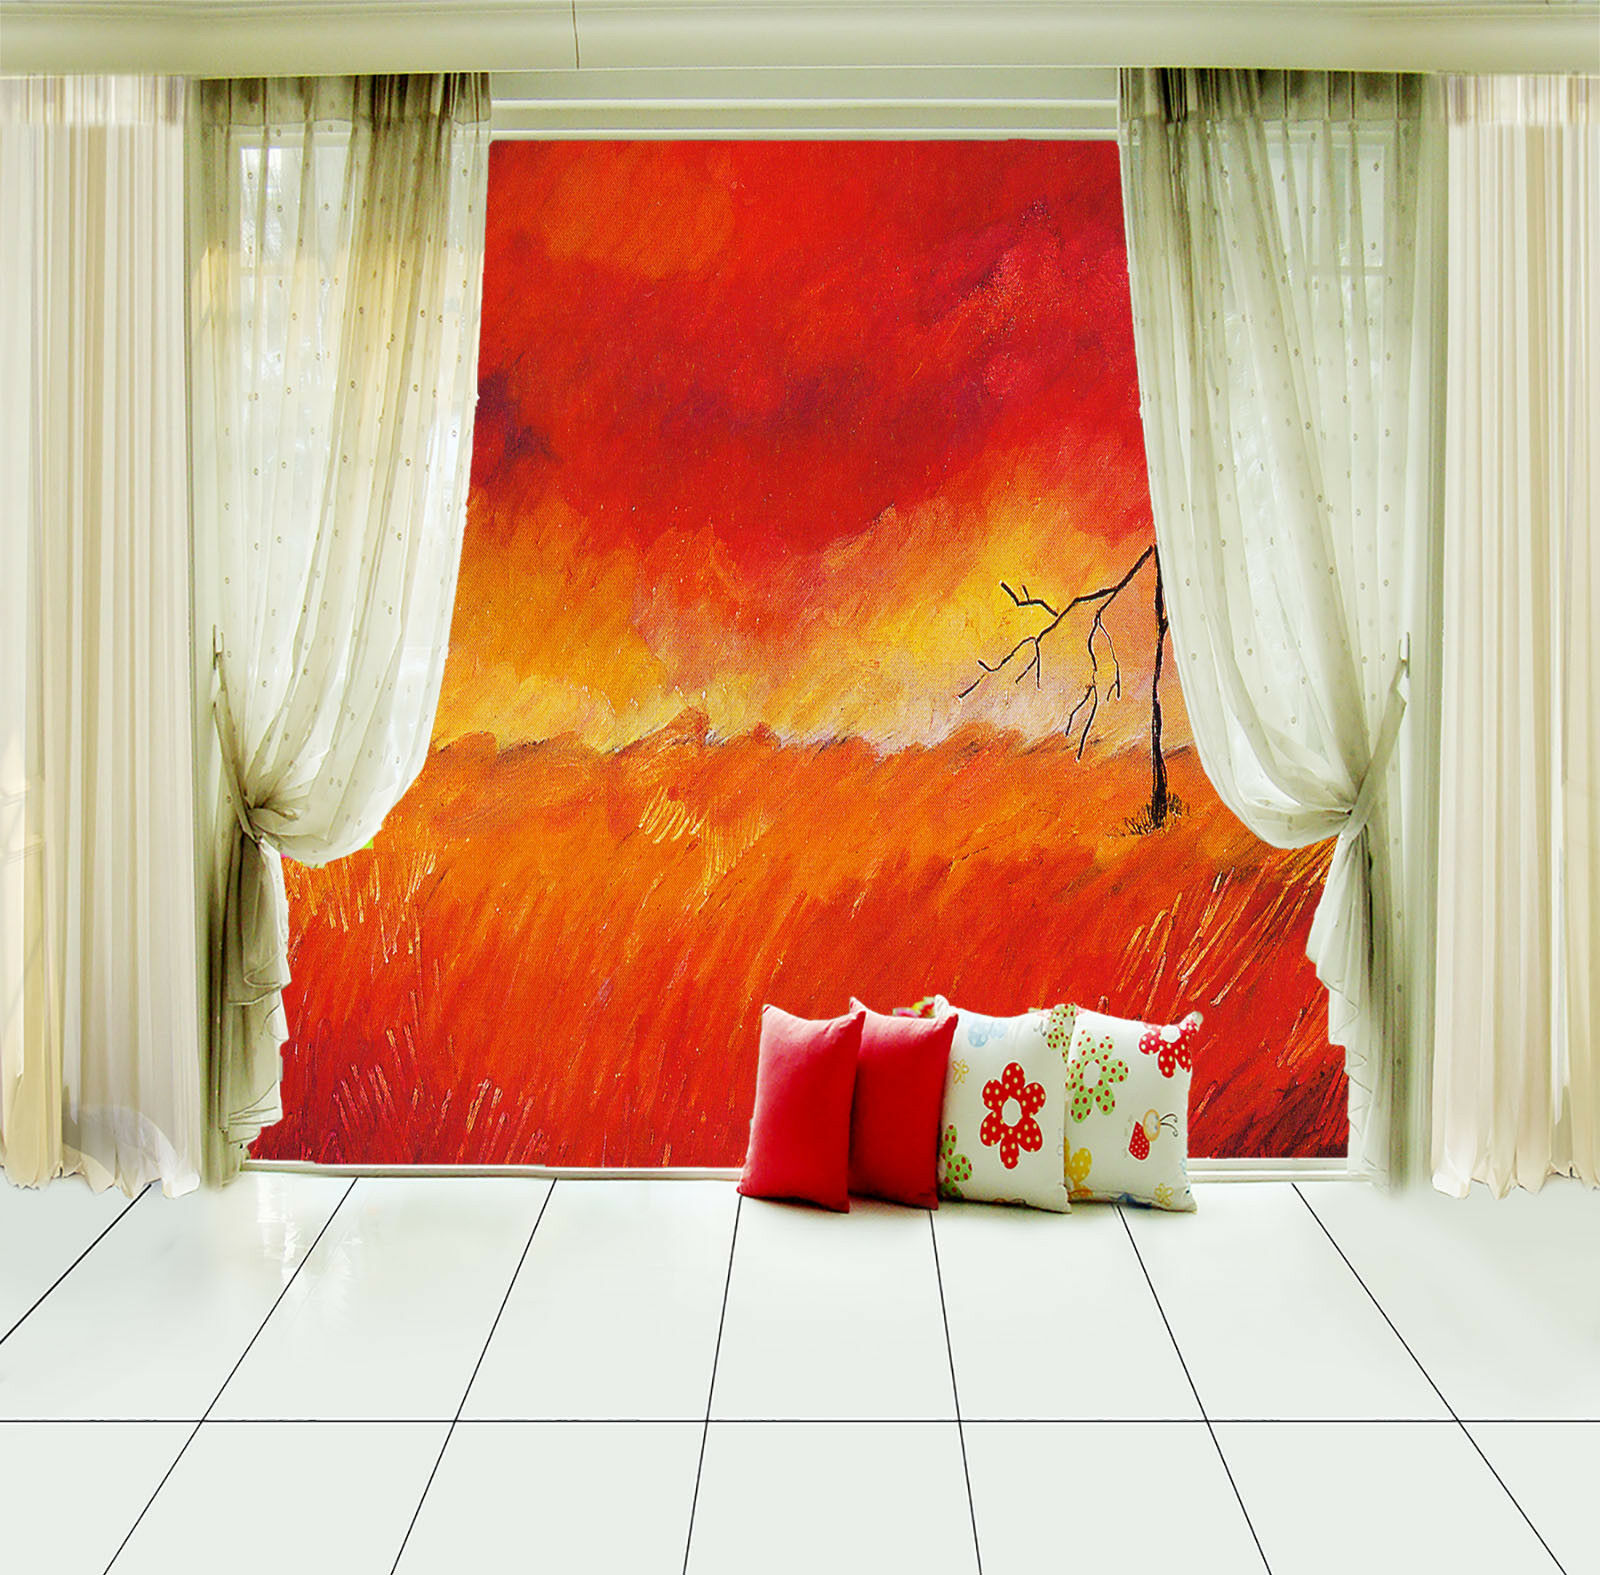 Papel Pintado Mural De Vellón red Fuego Bosque 123 Paisaje Fondo De Pansize ES